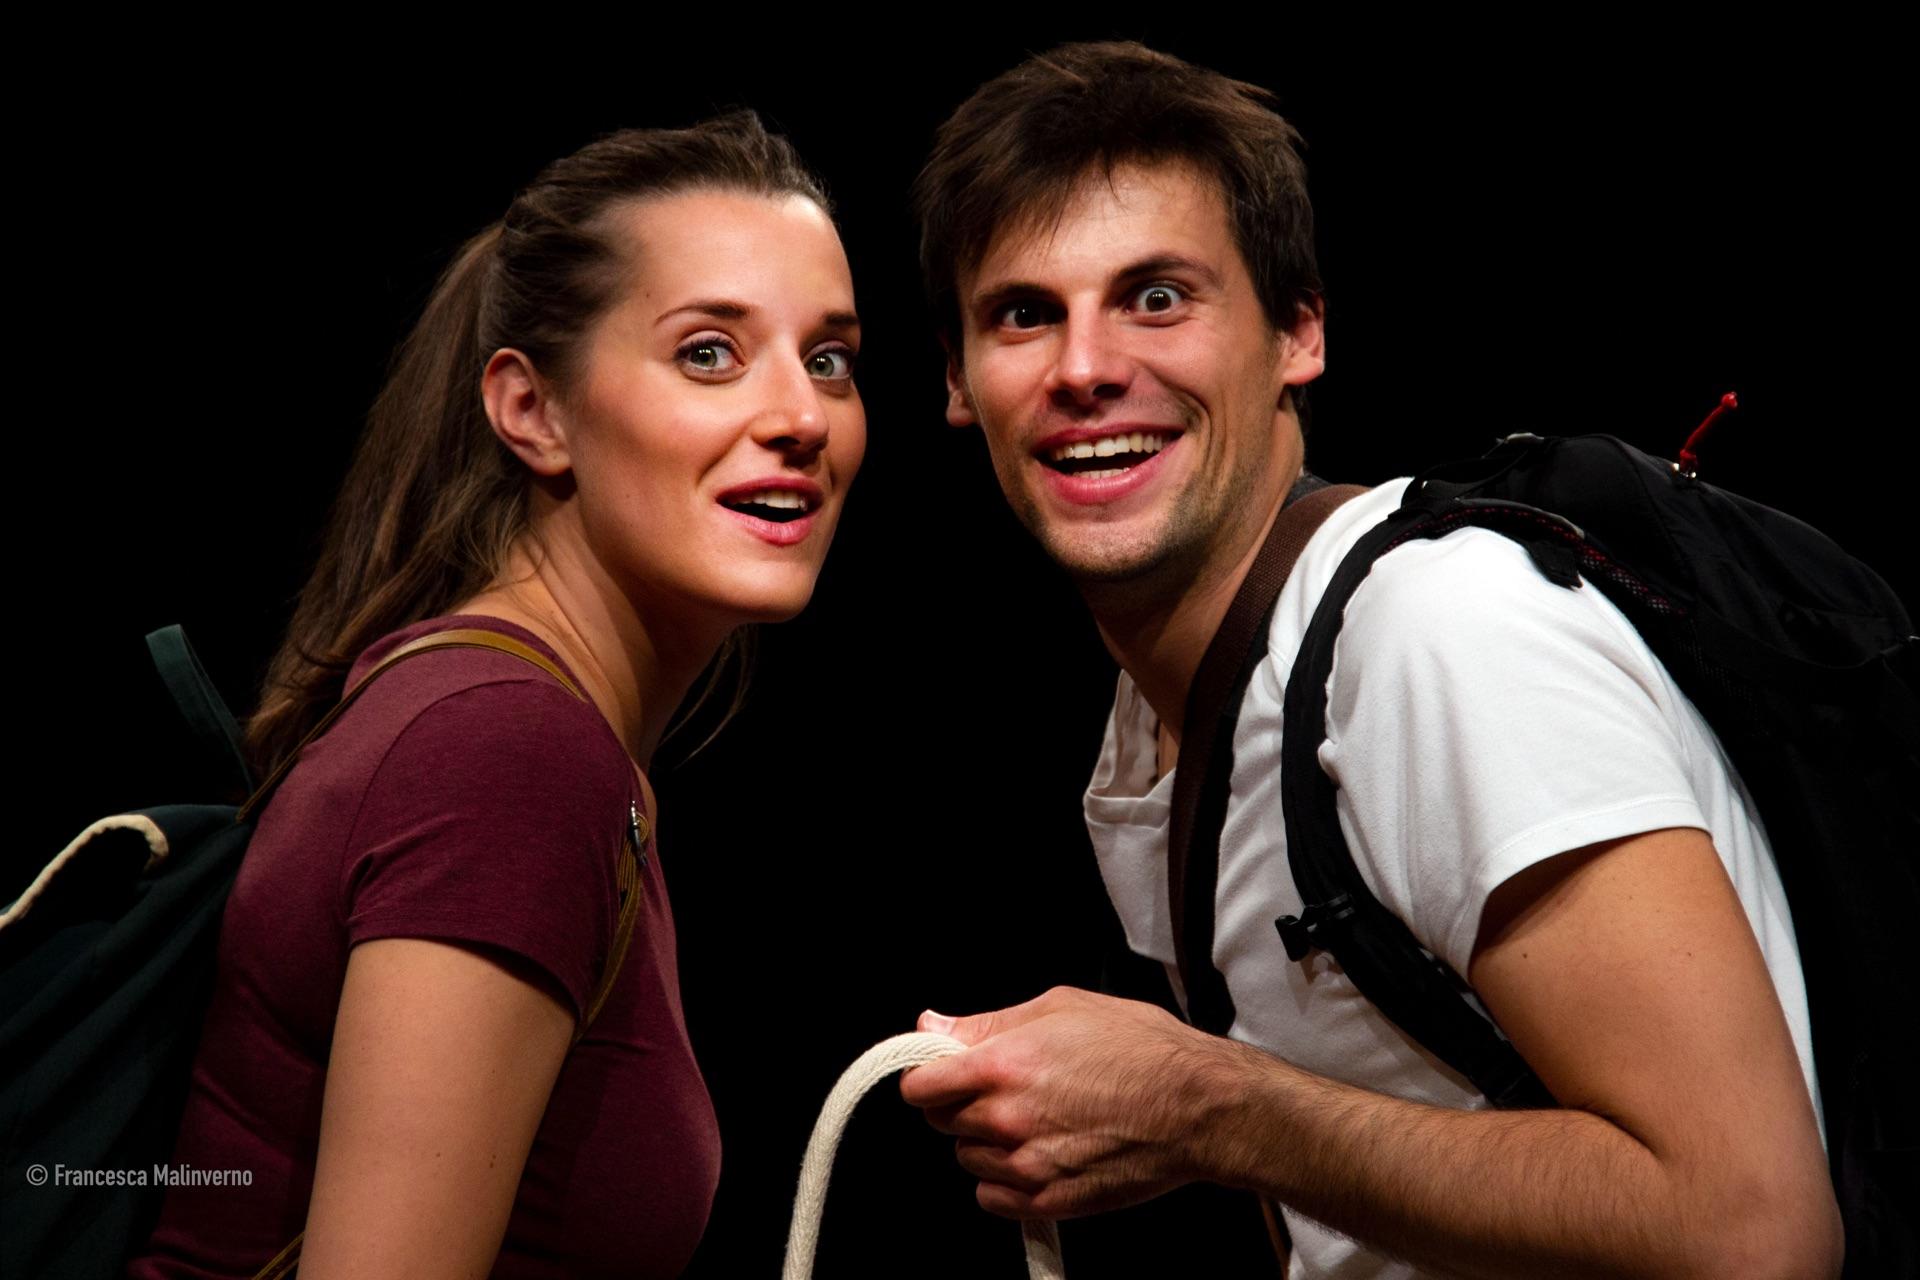 Valeria Girelli e Alberto Mariotti, attori della compagnia teatrale Dittico Elalù